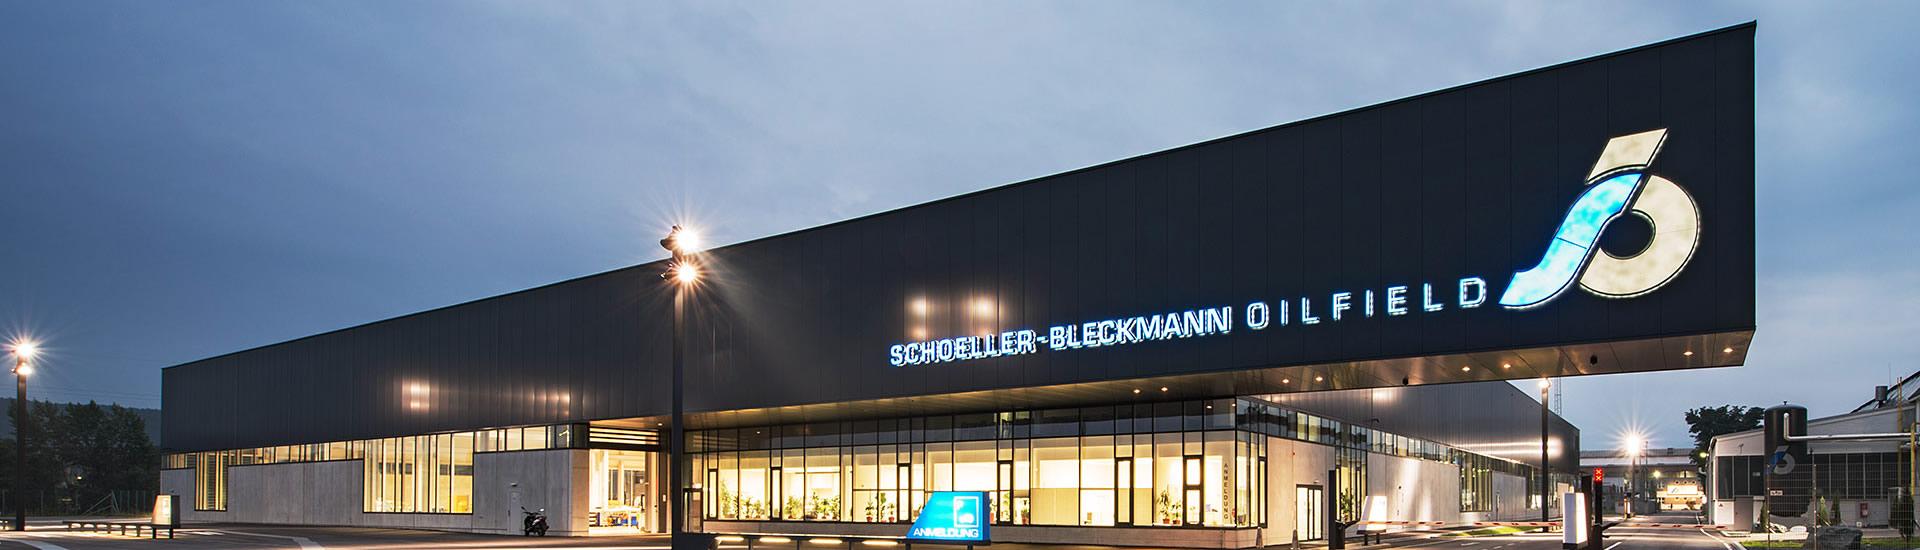 Schoeller Bleckmann